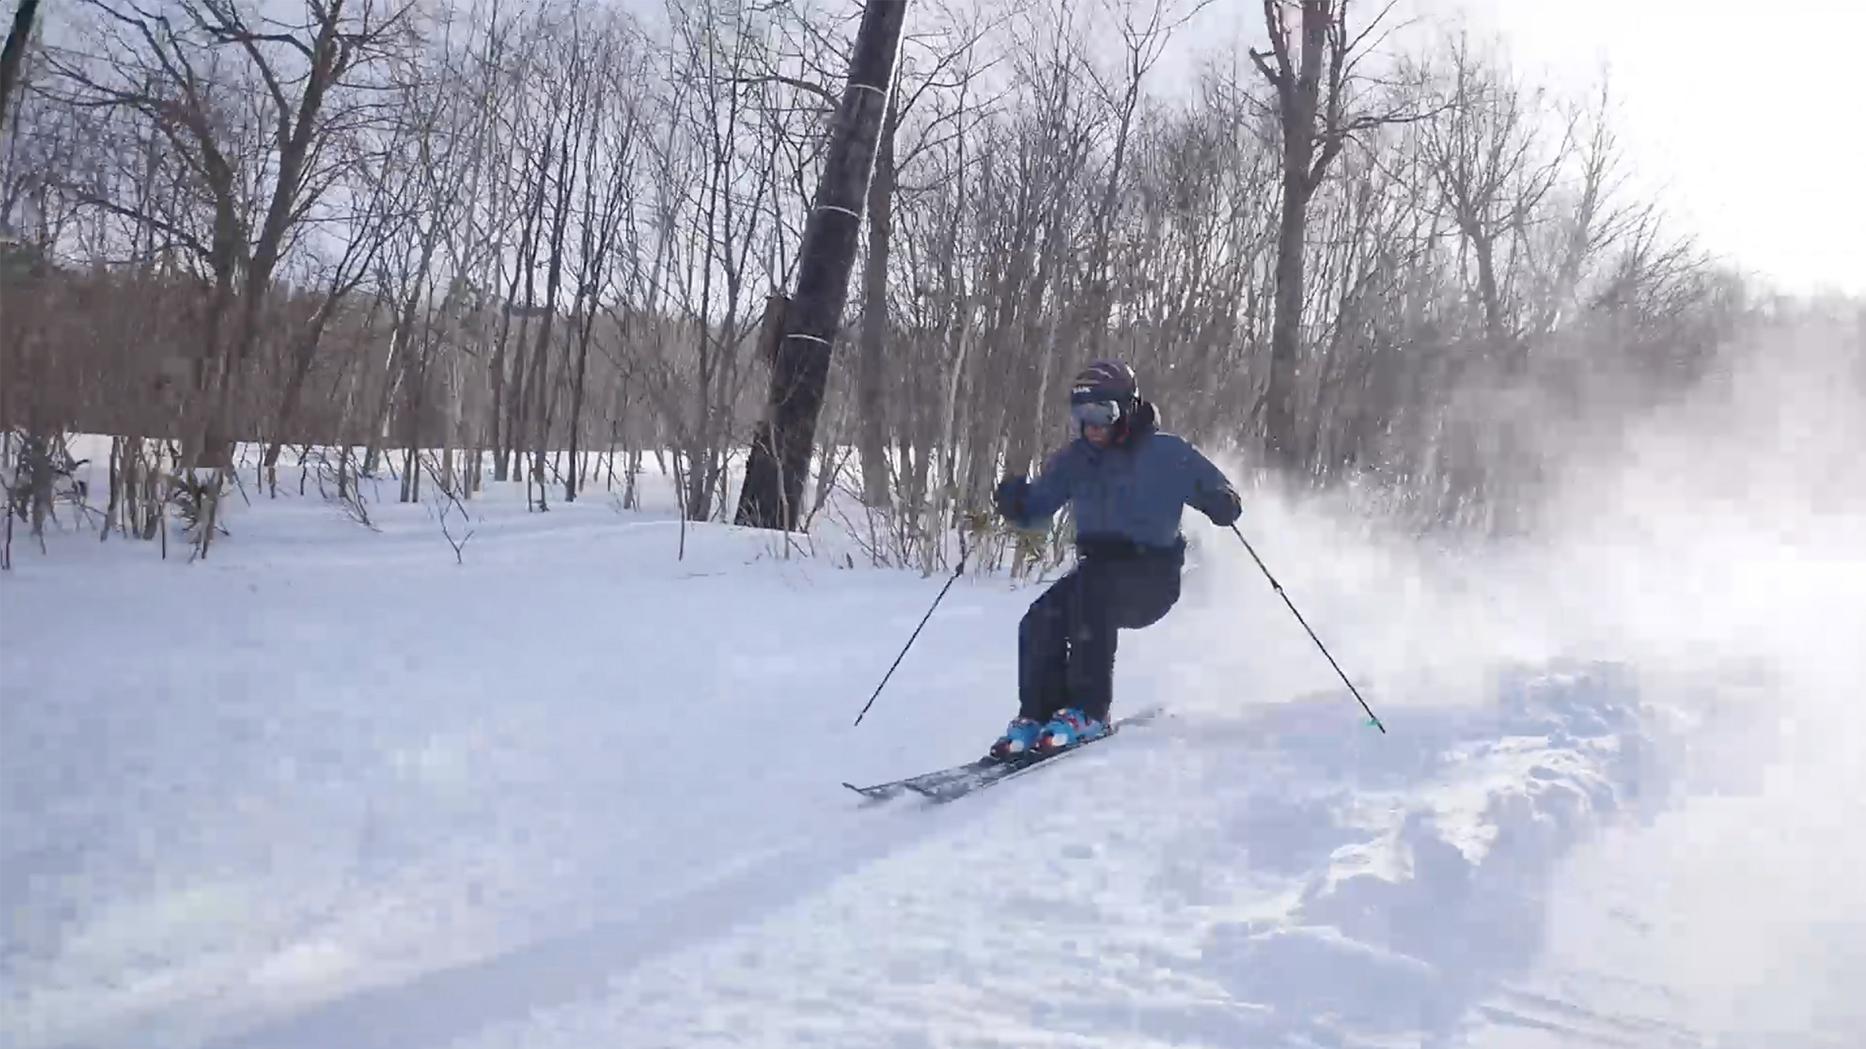 episode#33|近代的スキー術[DVD]のあの動きを試してみました